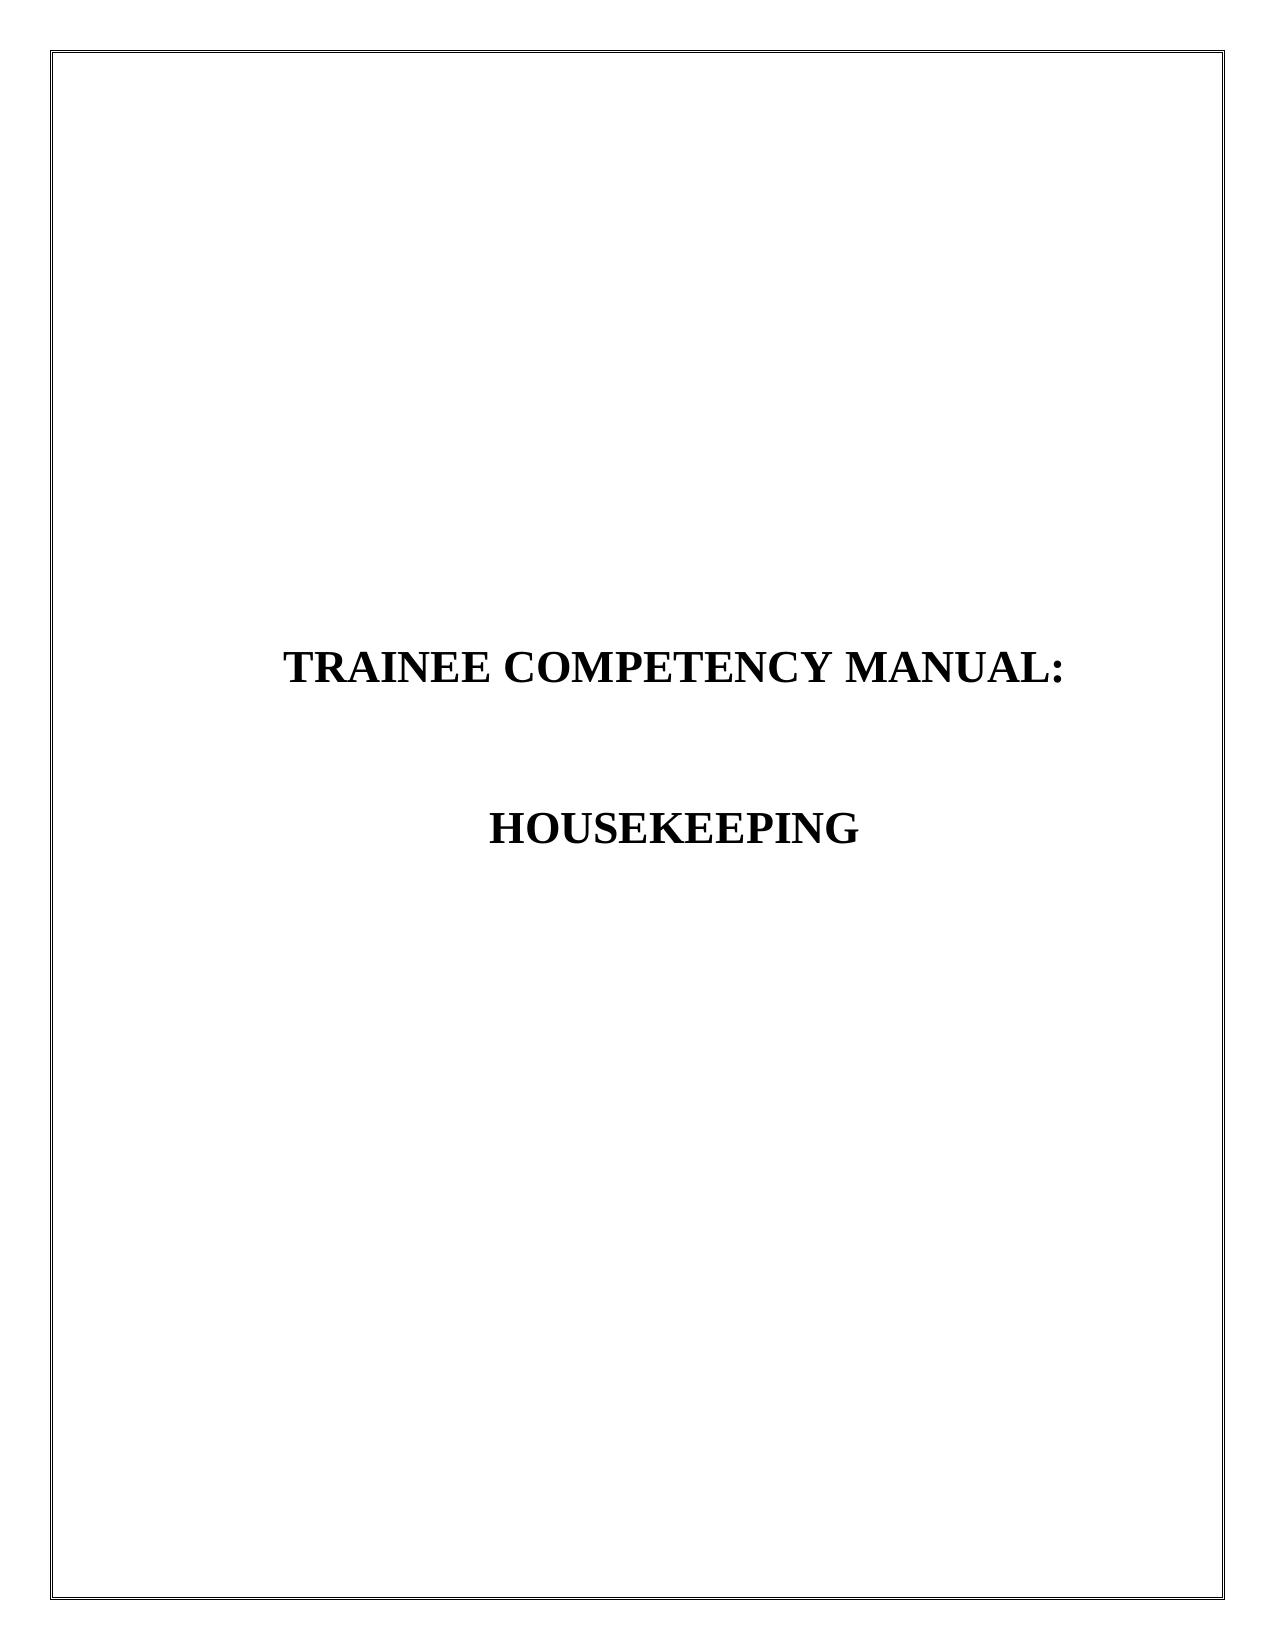 Trainee Competency Manual: Housekeeping